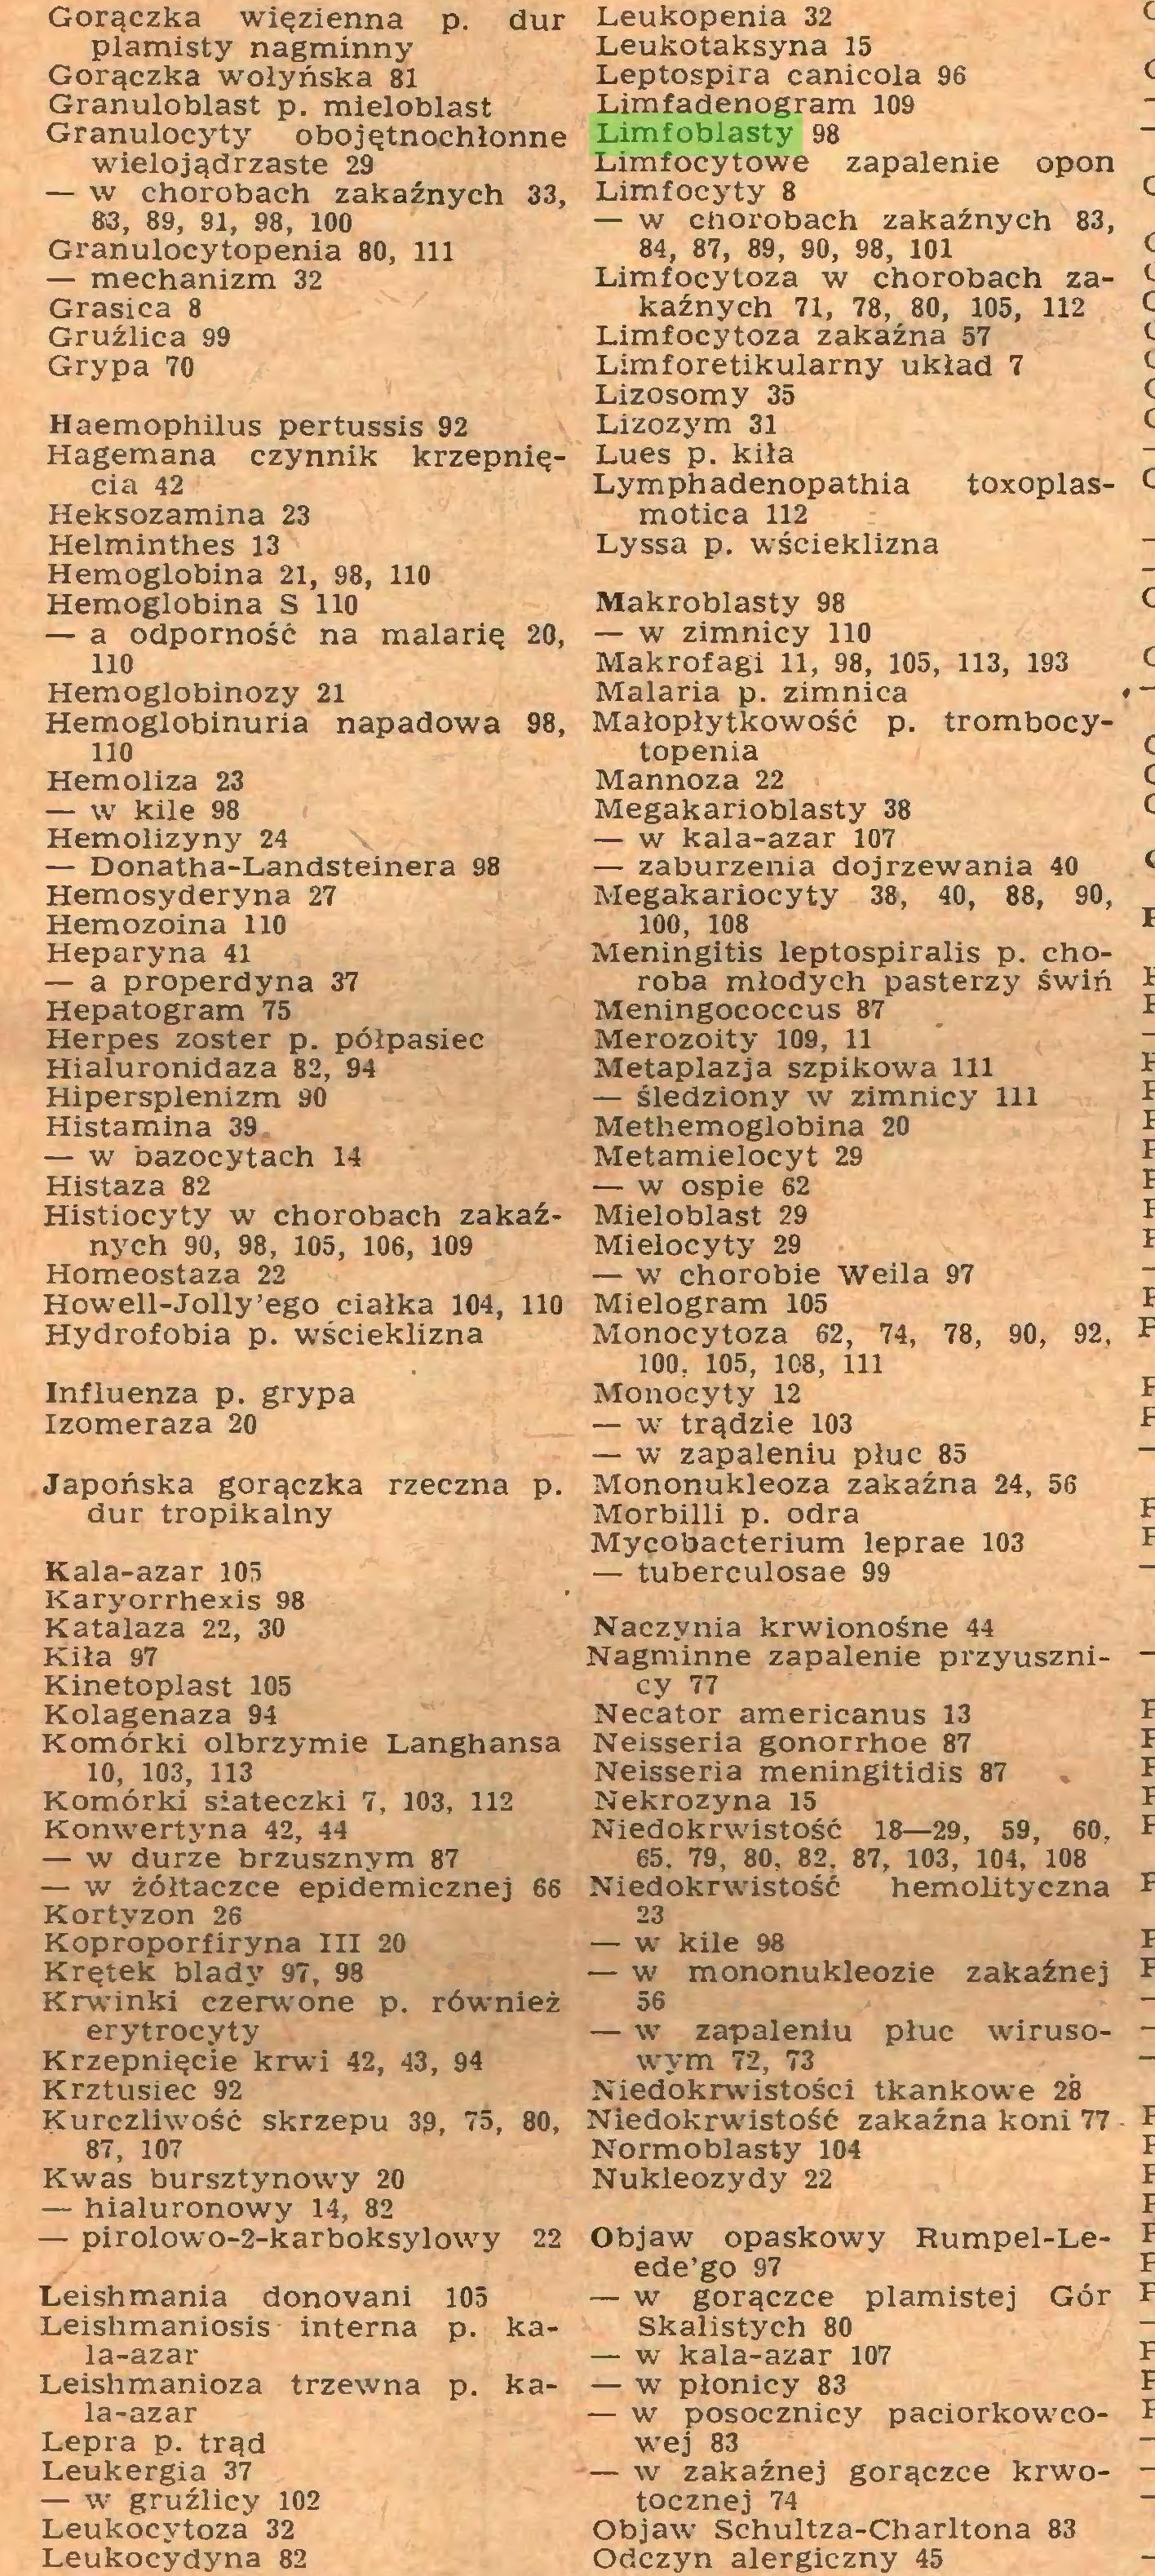 (...) Lepra p. trąd Leukergia 37 — w gruźlicy 102 Leukocytoza 32 Leukocydyna 82 Leukopenia 32 Leukotaksyna 15 Leptospira canicola 96 Limfadenogram 109 Limfoblasty 98 Limfocytowe zapalenie opon Limfocyty 8 — w chorobach zakaźnych 83, 84, 87, 89, 90, 98, 101 Limfocytoza w chorobach zakaźnych 71, 78, 80, 105, 112 Limfocytoza zakaźna 57 Limforetikularny układ 7 Lizosomy 35 Lizozym 31 Lues p. kiła...